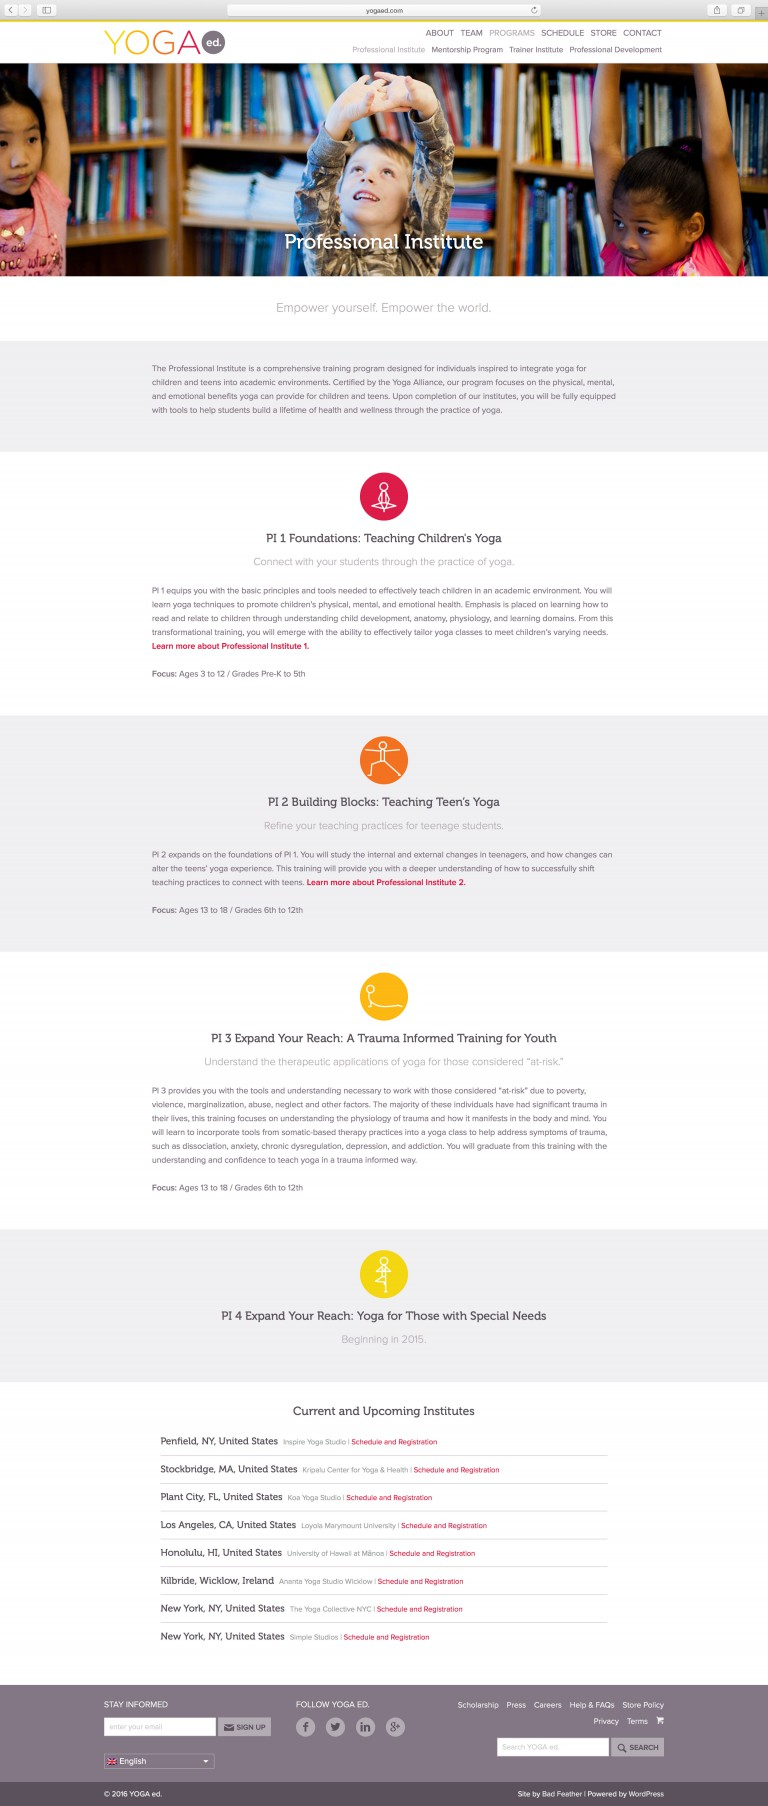 yogaed.com/programs/professional-institute browser full